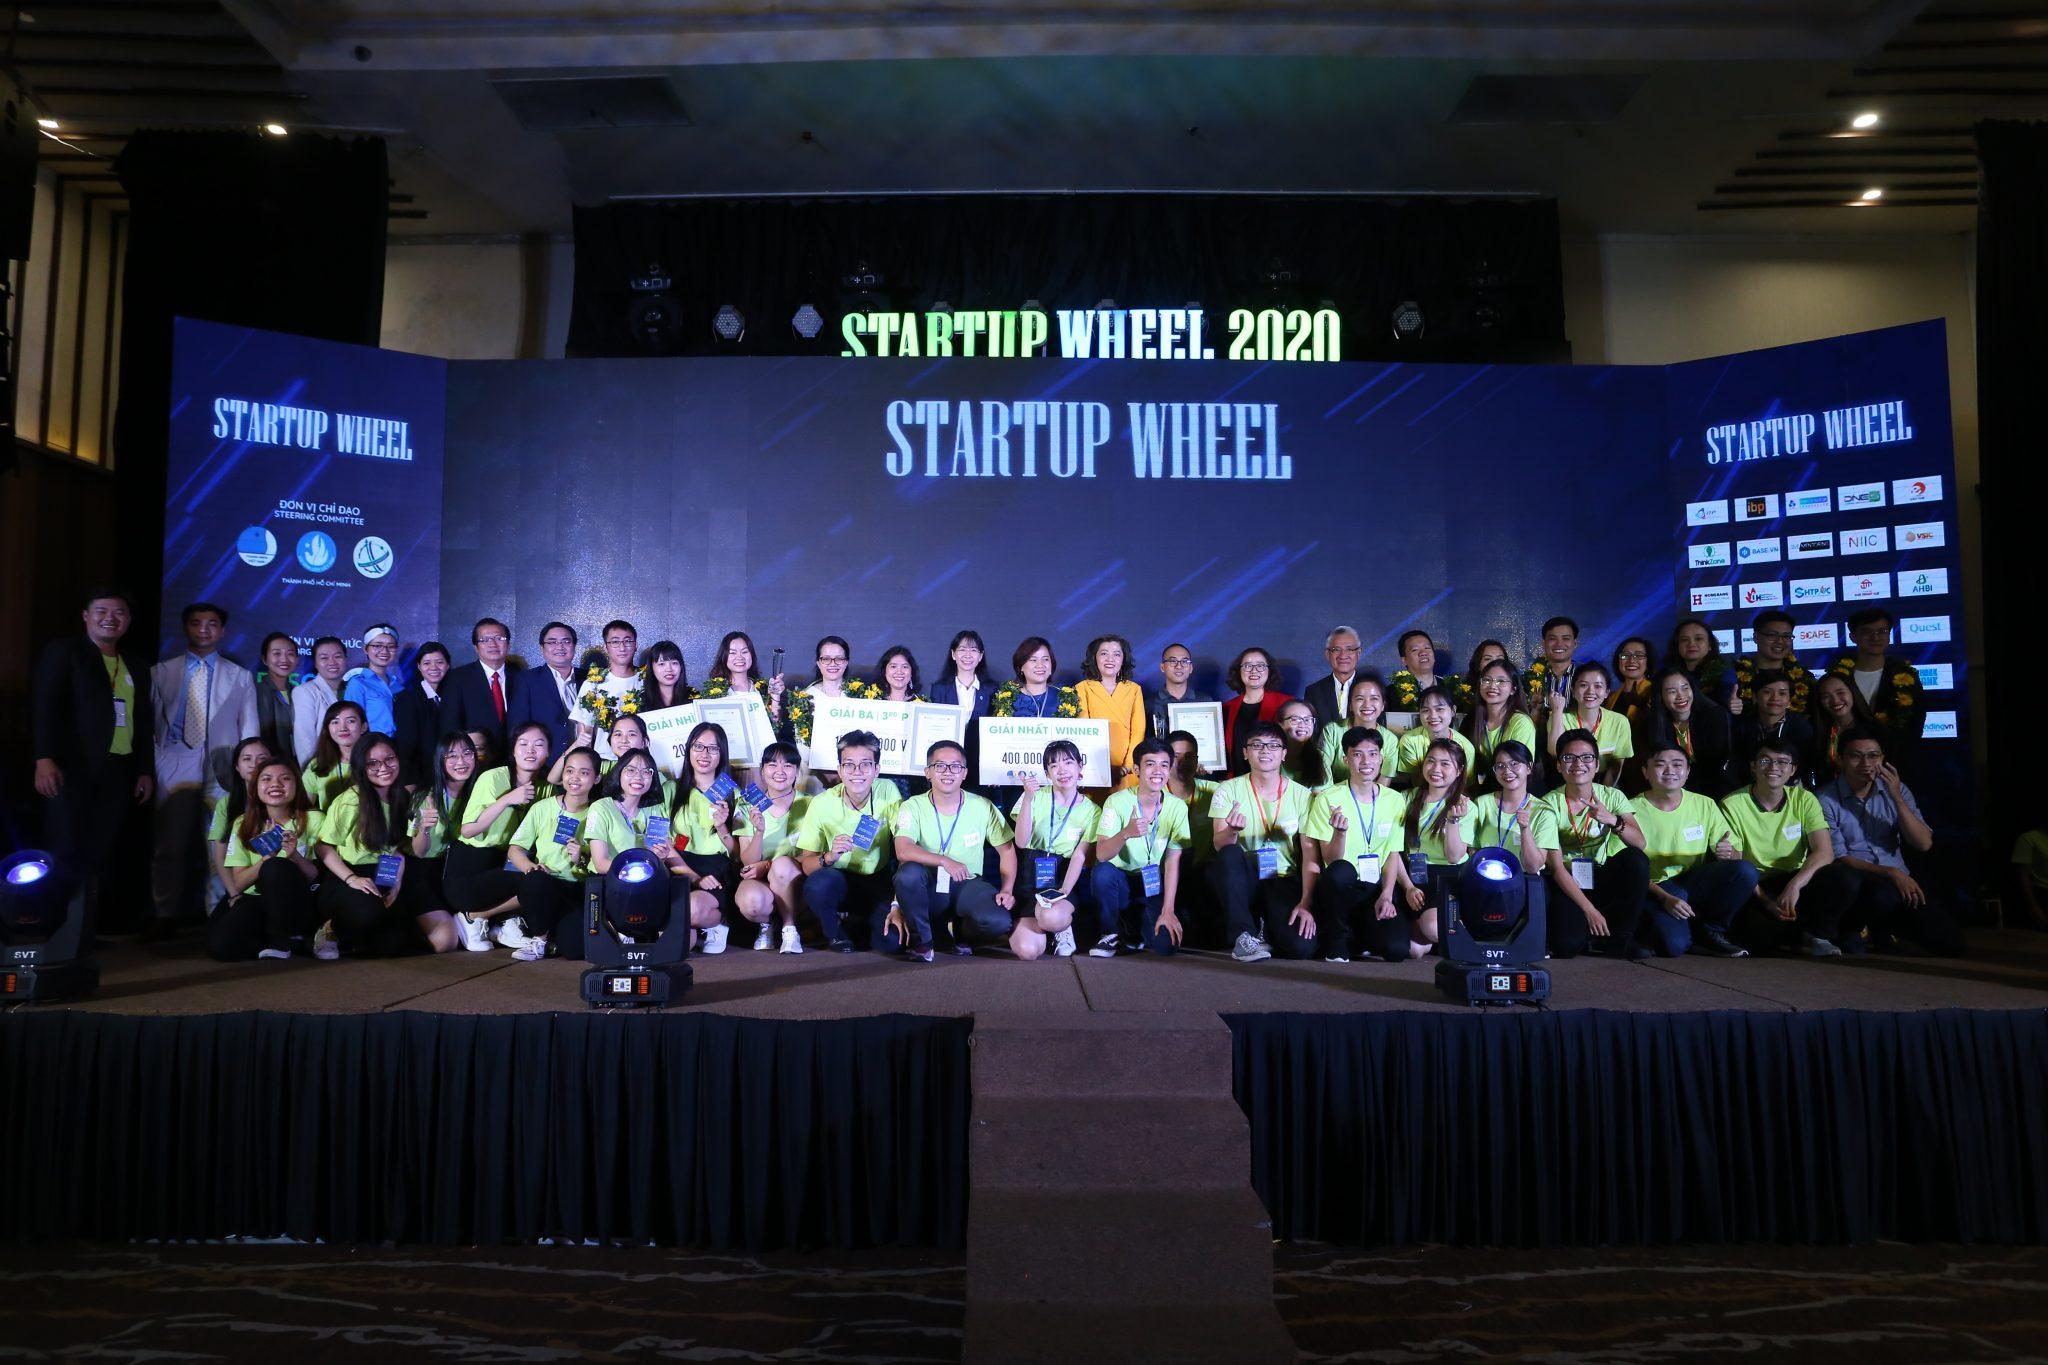 BSSC đã khởi xướng nên cuộc thi Startup Wheel và Hội Doanh nhân Trẻ TP.HCM là đơn vị đồng tổ chức. Startup Wheel là cuộc thi được bảo trợ bởi Hội LHTN Việt Nam TP.HCM, Hội Sinh viên Việt Nam tại TP.HCM, Sở Khoa học và Công nghệ TP.HCM và Văn phòng Đề án 844